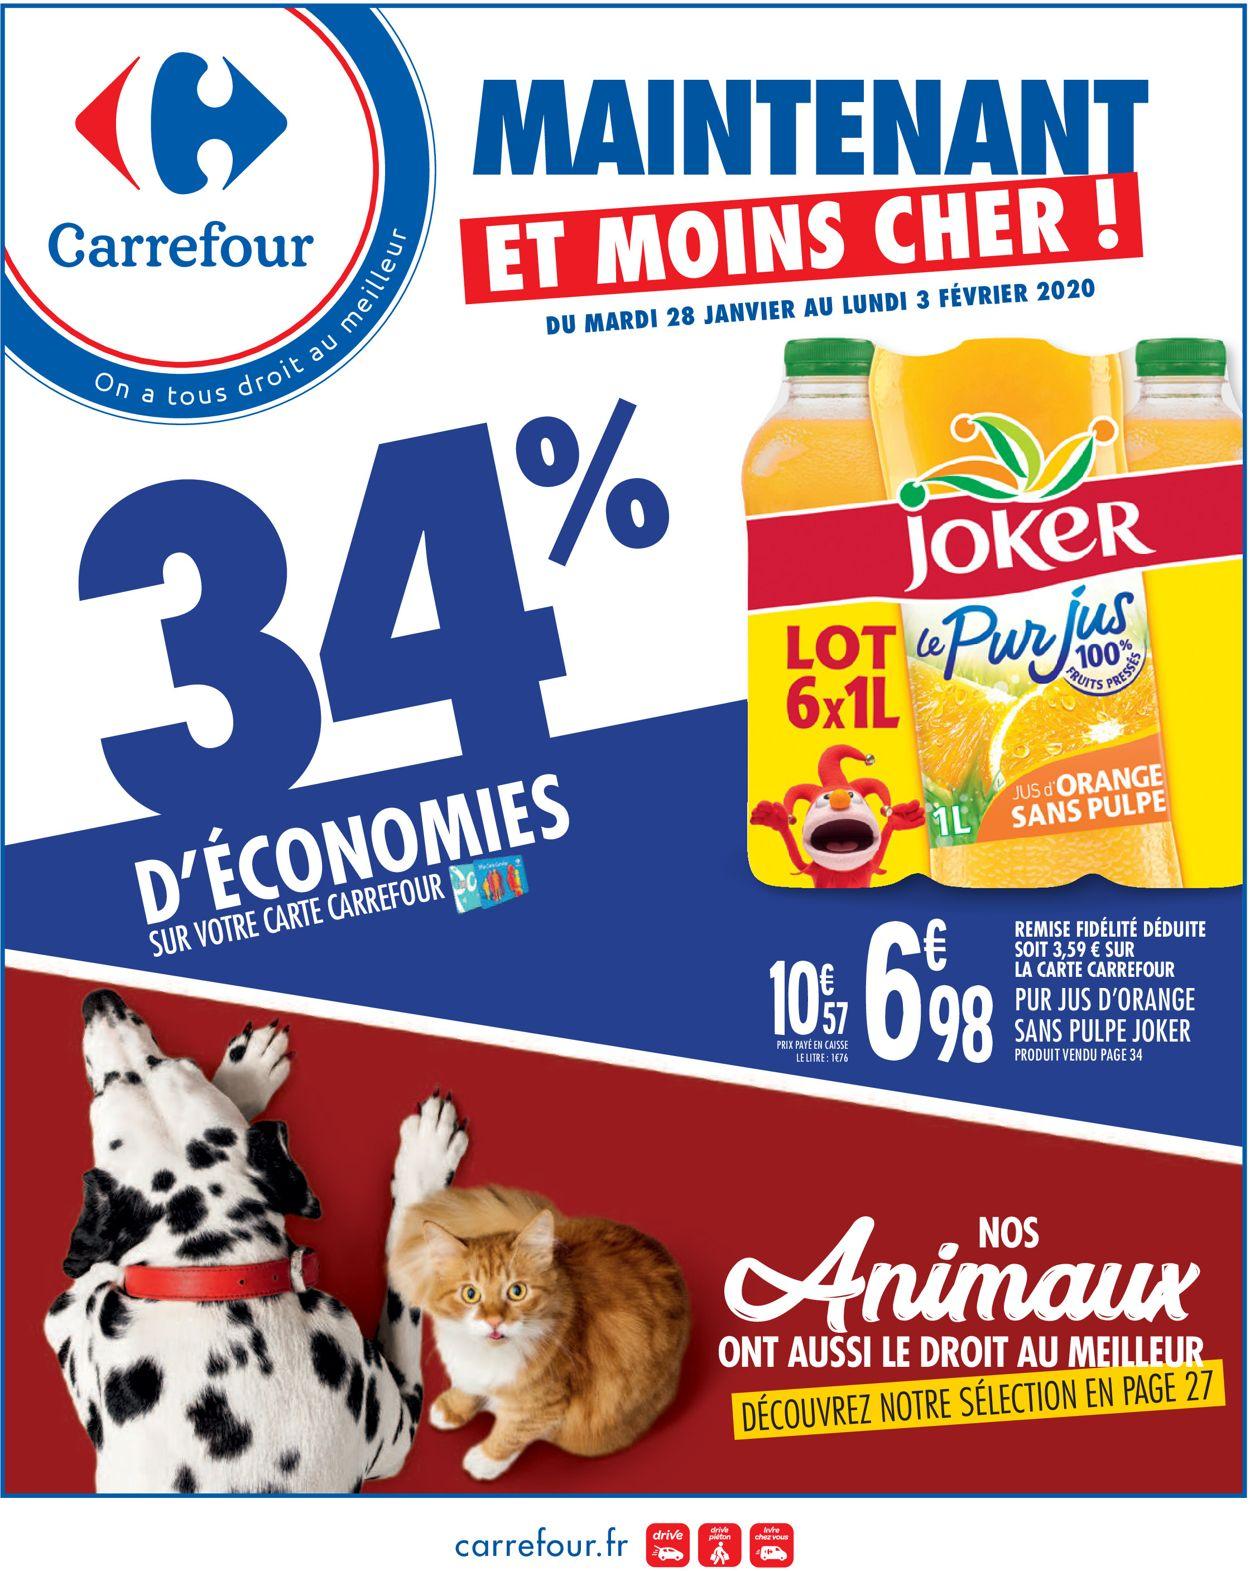 Carrefour Catalogue - 28.01-03.02.2020